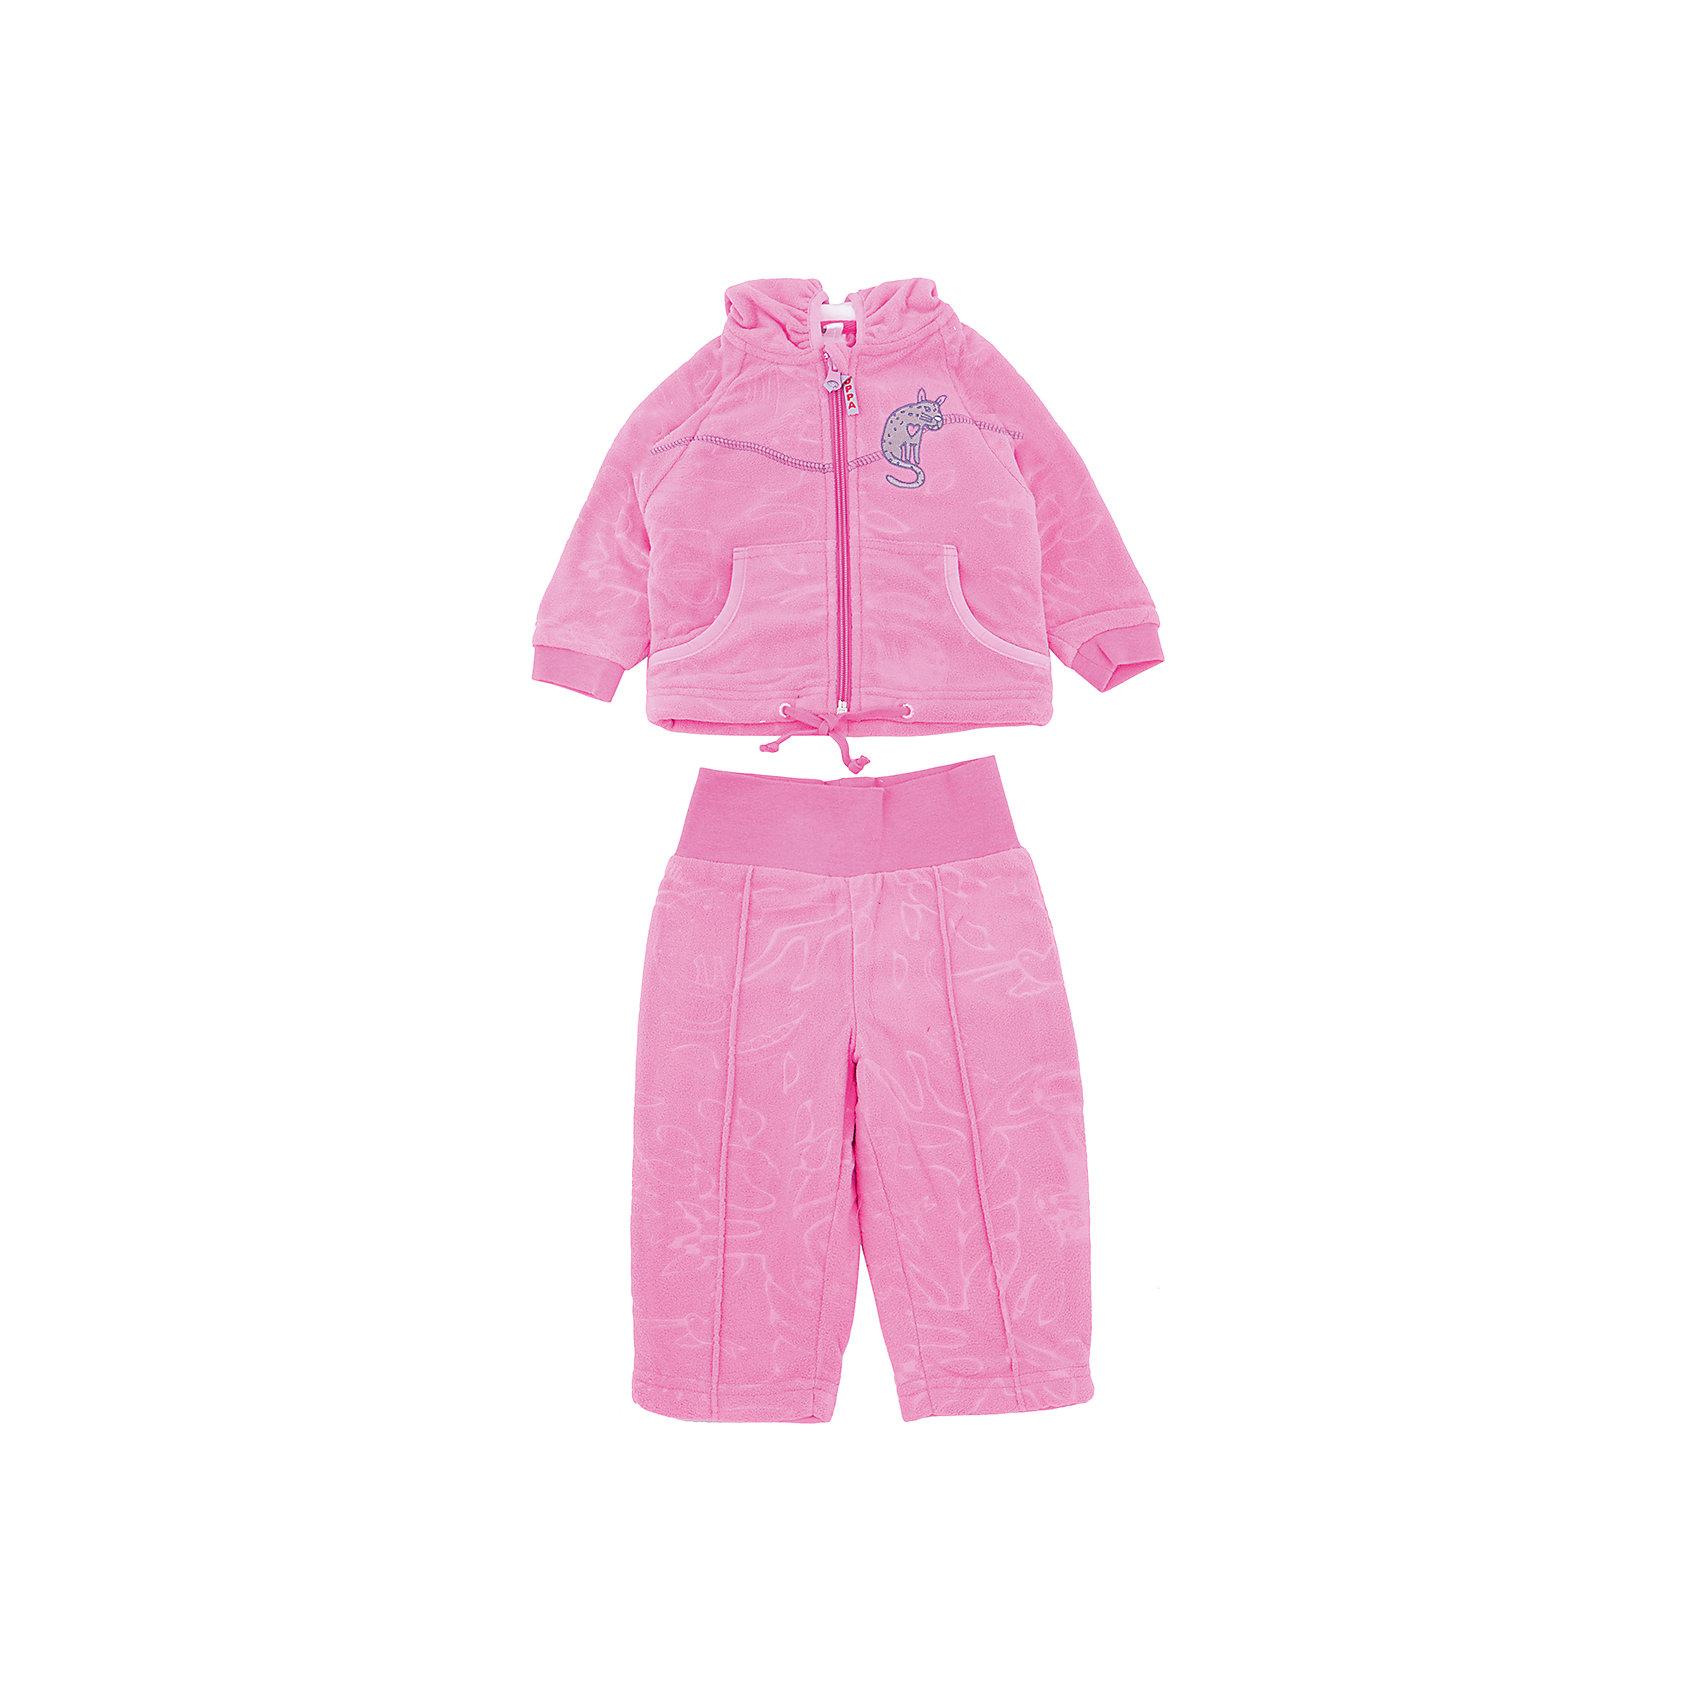 Комплект флисовый JACOBI для девочки HuppaФлис и термобелье<br>Характеристики товара:<br><br>• цвет: розовый<br>• состав: 100% полиэстер (флис), подкладка - 100% хлопок<br>• комплектация: курточка, брюки<br>• застежка: молния<br>• капюшон<br>• мягкие манжеты на куртке<br>• декорирована вышивкой<br>• комфортная посадка<br>• пояс брюк - мягкая резинка<br>• мягкий материал<br>• страна бренда: Эстония<br><br>Такой комплект обеспечит малышам тепло и комфорт. Он сделан из приятного на ощупь материала с мягким ворсом, поэтому изделия не колются и не натирают. Подкладка выполнена из дышащего и гипоаллергенного хлопка. Комплект очень симпатично смотрится, яркая расцветка и отделка добавляют ему оригинальности. Модель была разработана специально для малышей.<br><br>Одежда и обувь от популярного эстонского бренда Huppa - отличный вариант одеть ребенка можно и комфортно. Вещи, выпускаемые компанией, качественные, продуманные и очень удобные. Для производства изделий используются только безопасные для детей материалы. Продукция от Huppa порадует и детей, и их родителей!<br><br>Комплект флисовый JACOBI от бренда Huppa (Хуппа) можно купить в нашем интернет-магазине.<br><br>Ширина мм: 190<br>Глубина мм: 74<br>Высота мм: 229<br>Вес г: 236<br>Цвет: розовый<br>Возраст от месяцев: 18<br>Возраст до месяцев: 24<br>Пол: Женский<br>Возраст: Детский<br>Размер: 62,68,74,80,86,92<br>SKU: 5347533